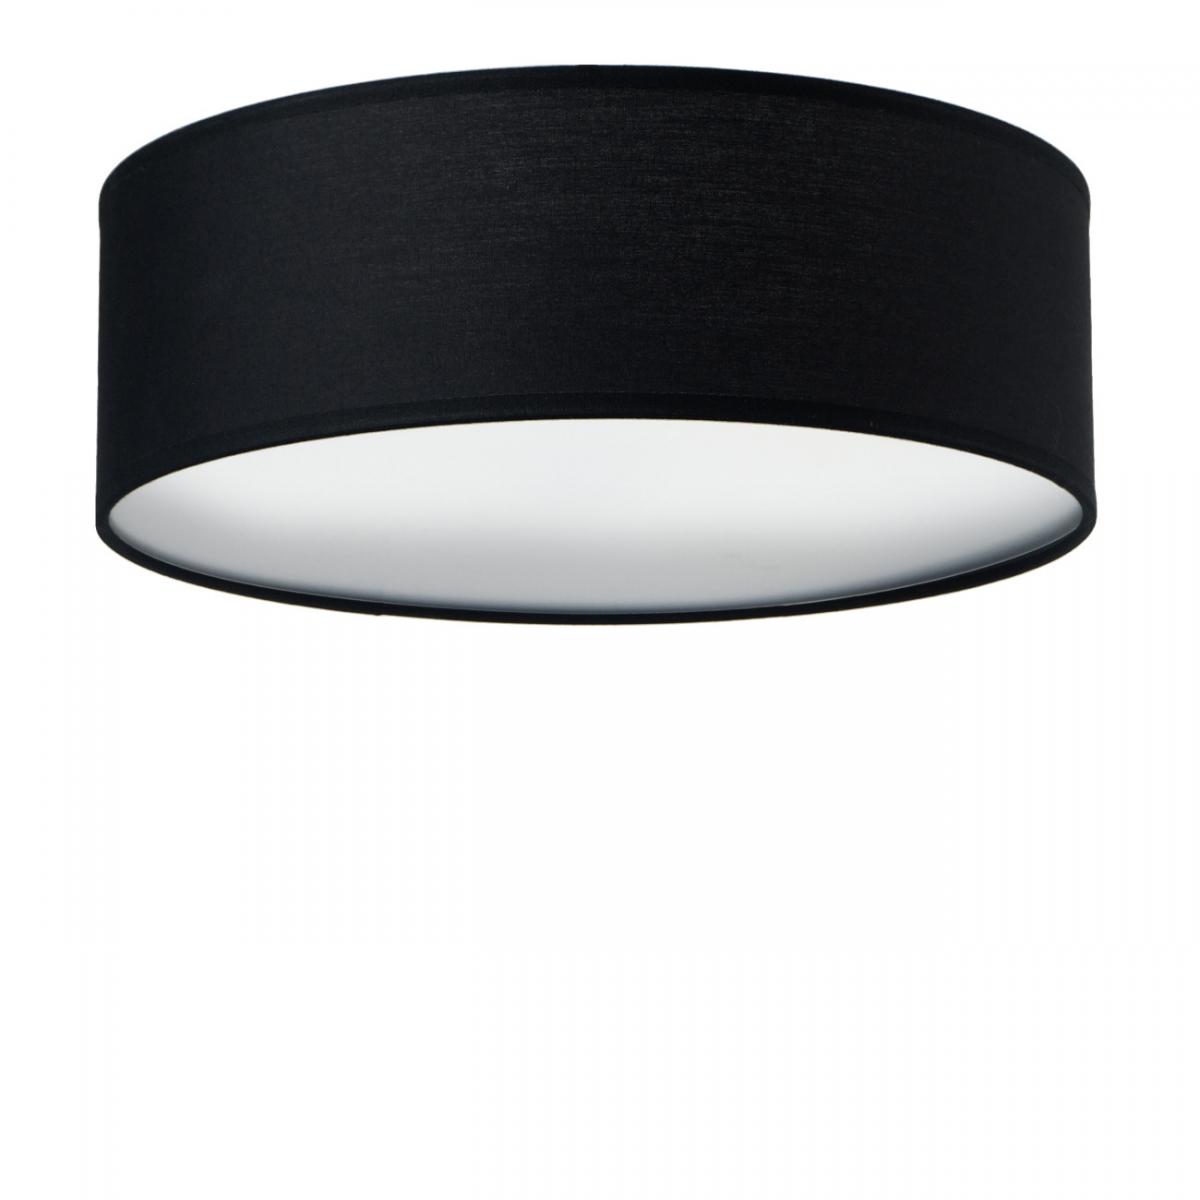 Full Size of Schlafzimmer Deckenlampe Design Deckenleuchte Ikea Deckenlampen Amazon Led Dimmbar Ultraslim Wohnzimmer Ip44 Komplett Massivholz Kommode Weiß Landhausstil Schlafzimmer Schlafzimmer Deckenlampe